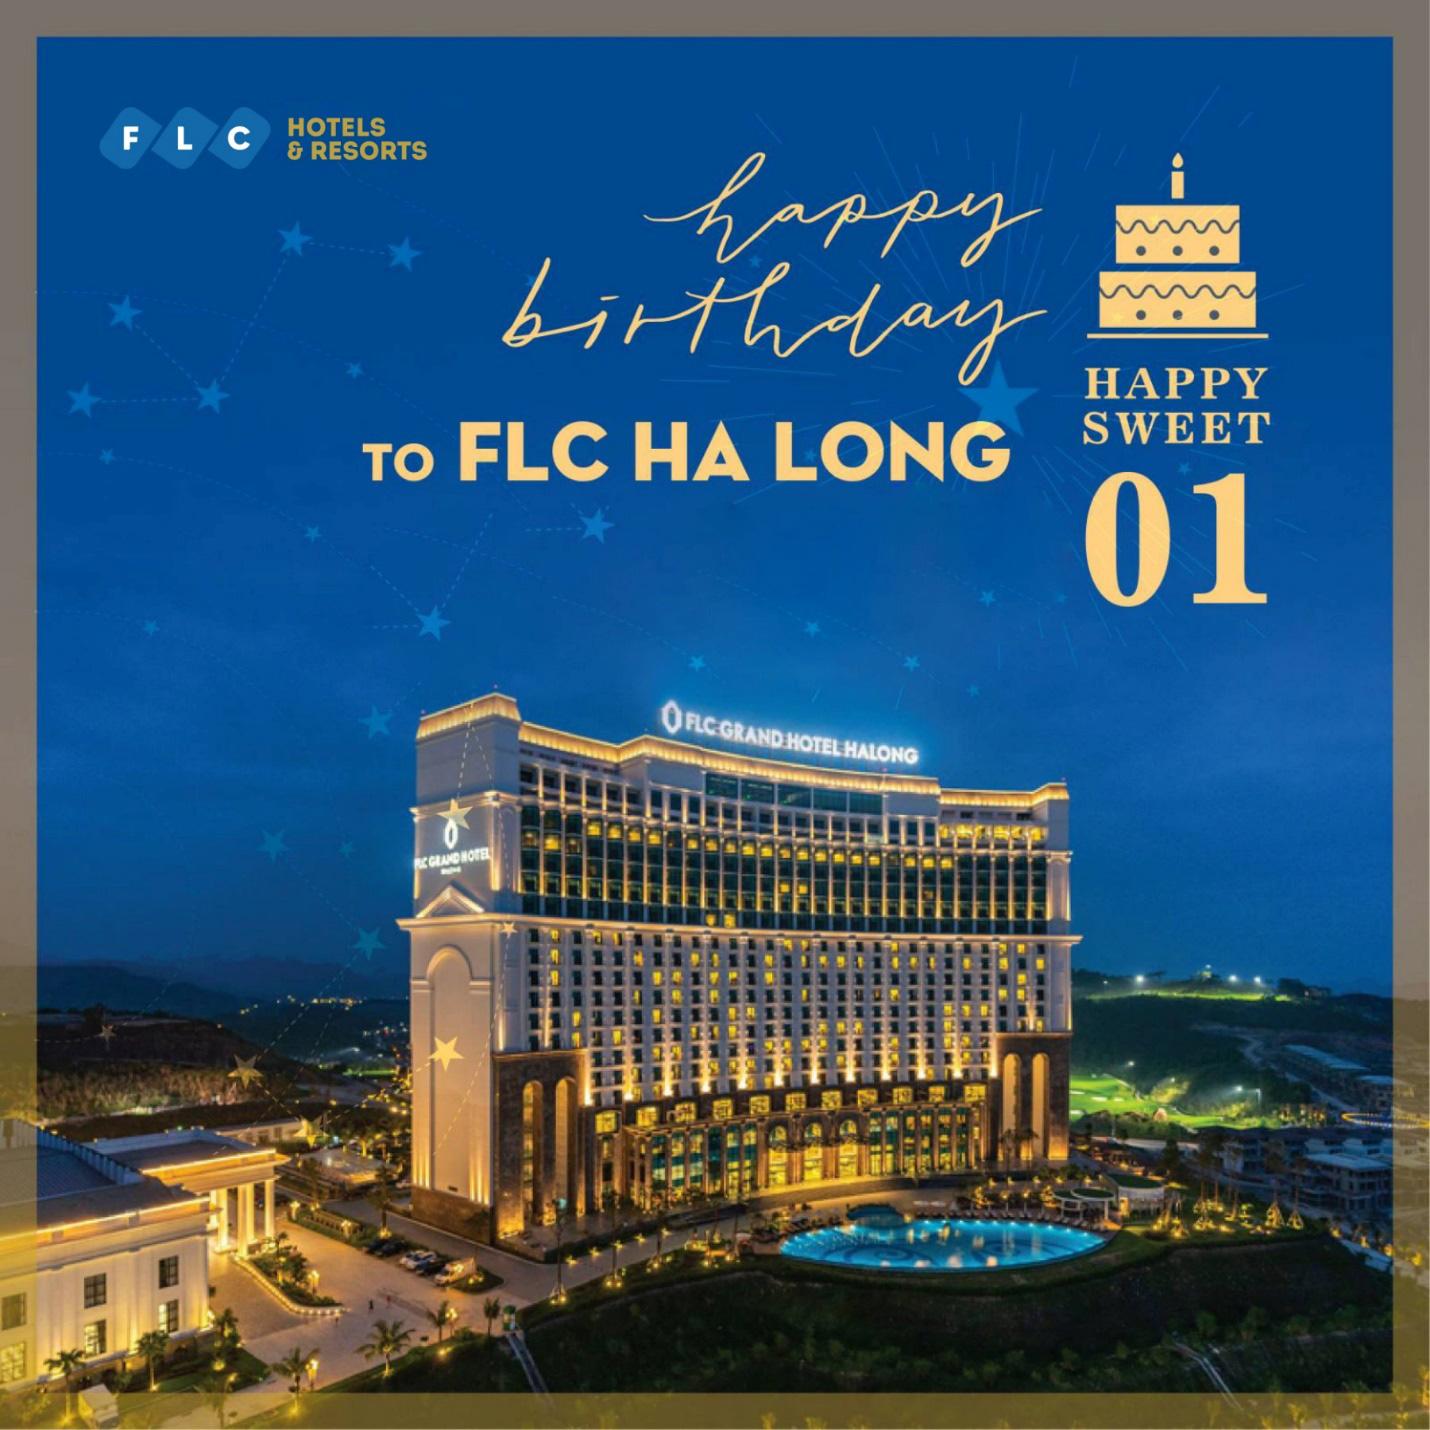 Mùa lễ hội 2019, check-in ngay ô cửa sổ khổng lồ view ngắm toàn cảnh vịnh Hạ Long - Ảnh 6.